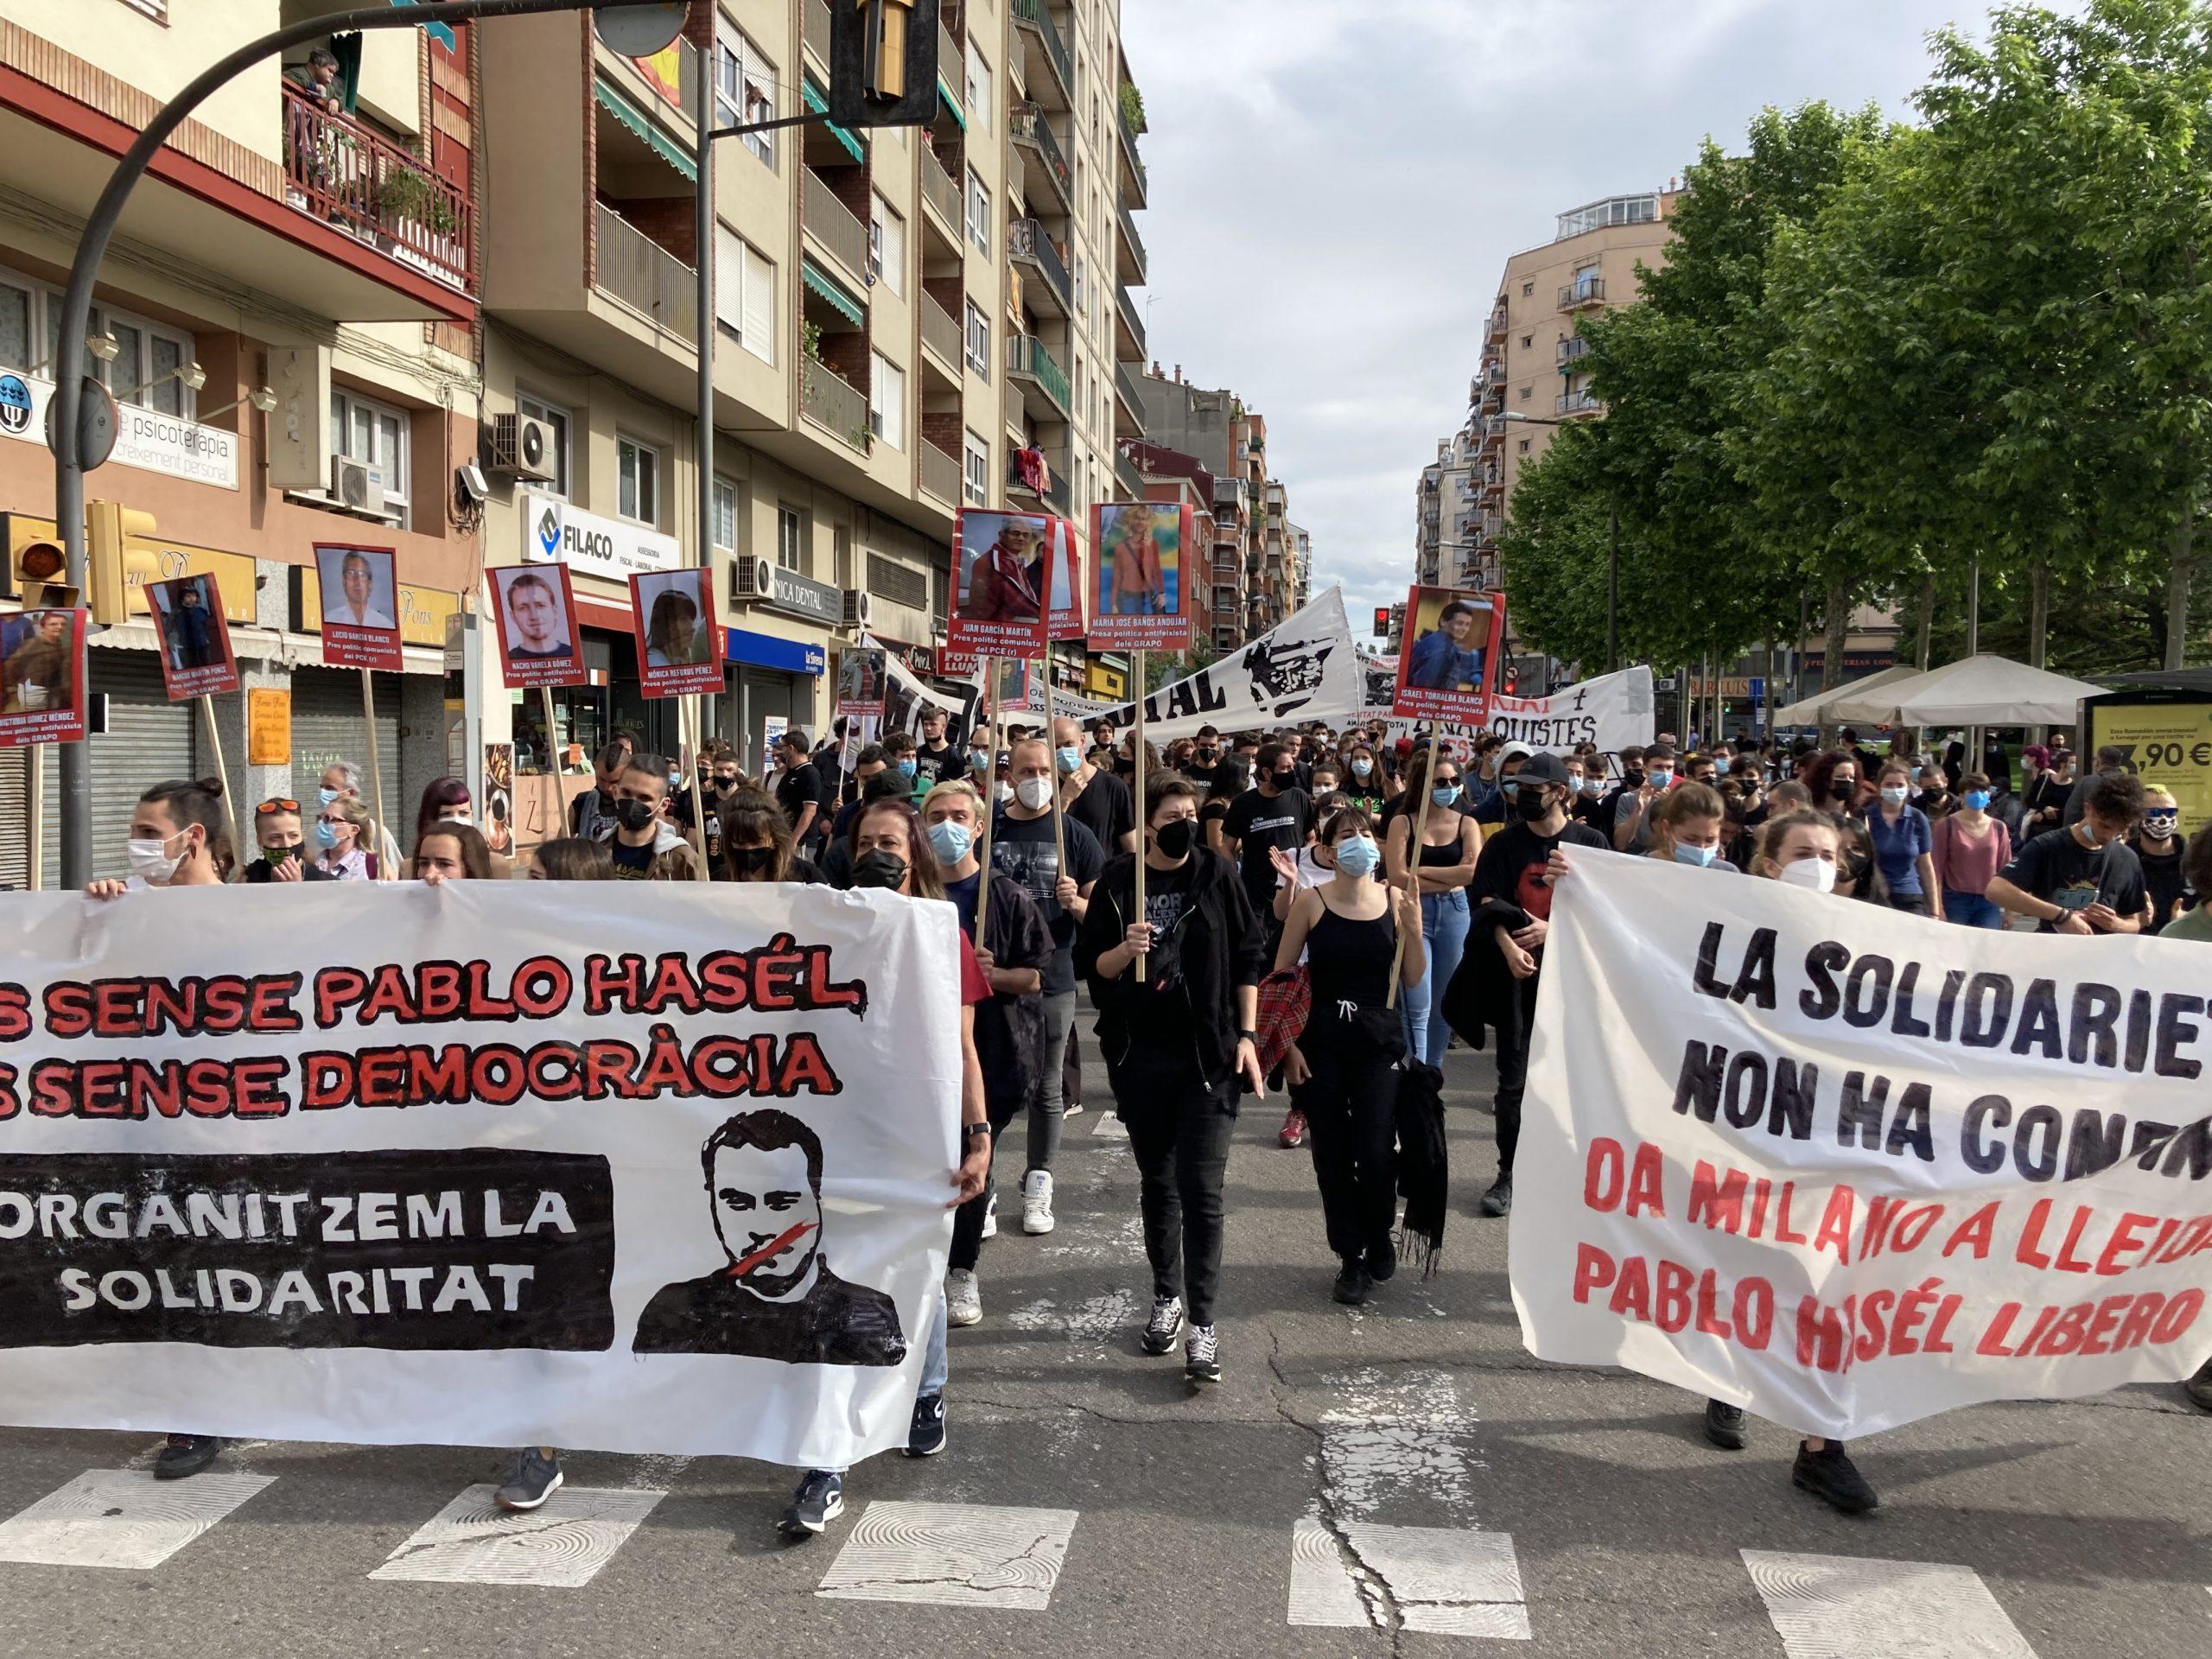 La manifestació a Lleida per reclamar la llibertat de Pablo Hasél | ACN